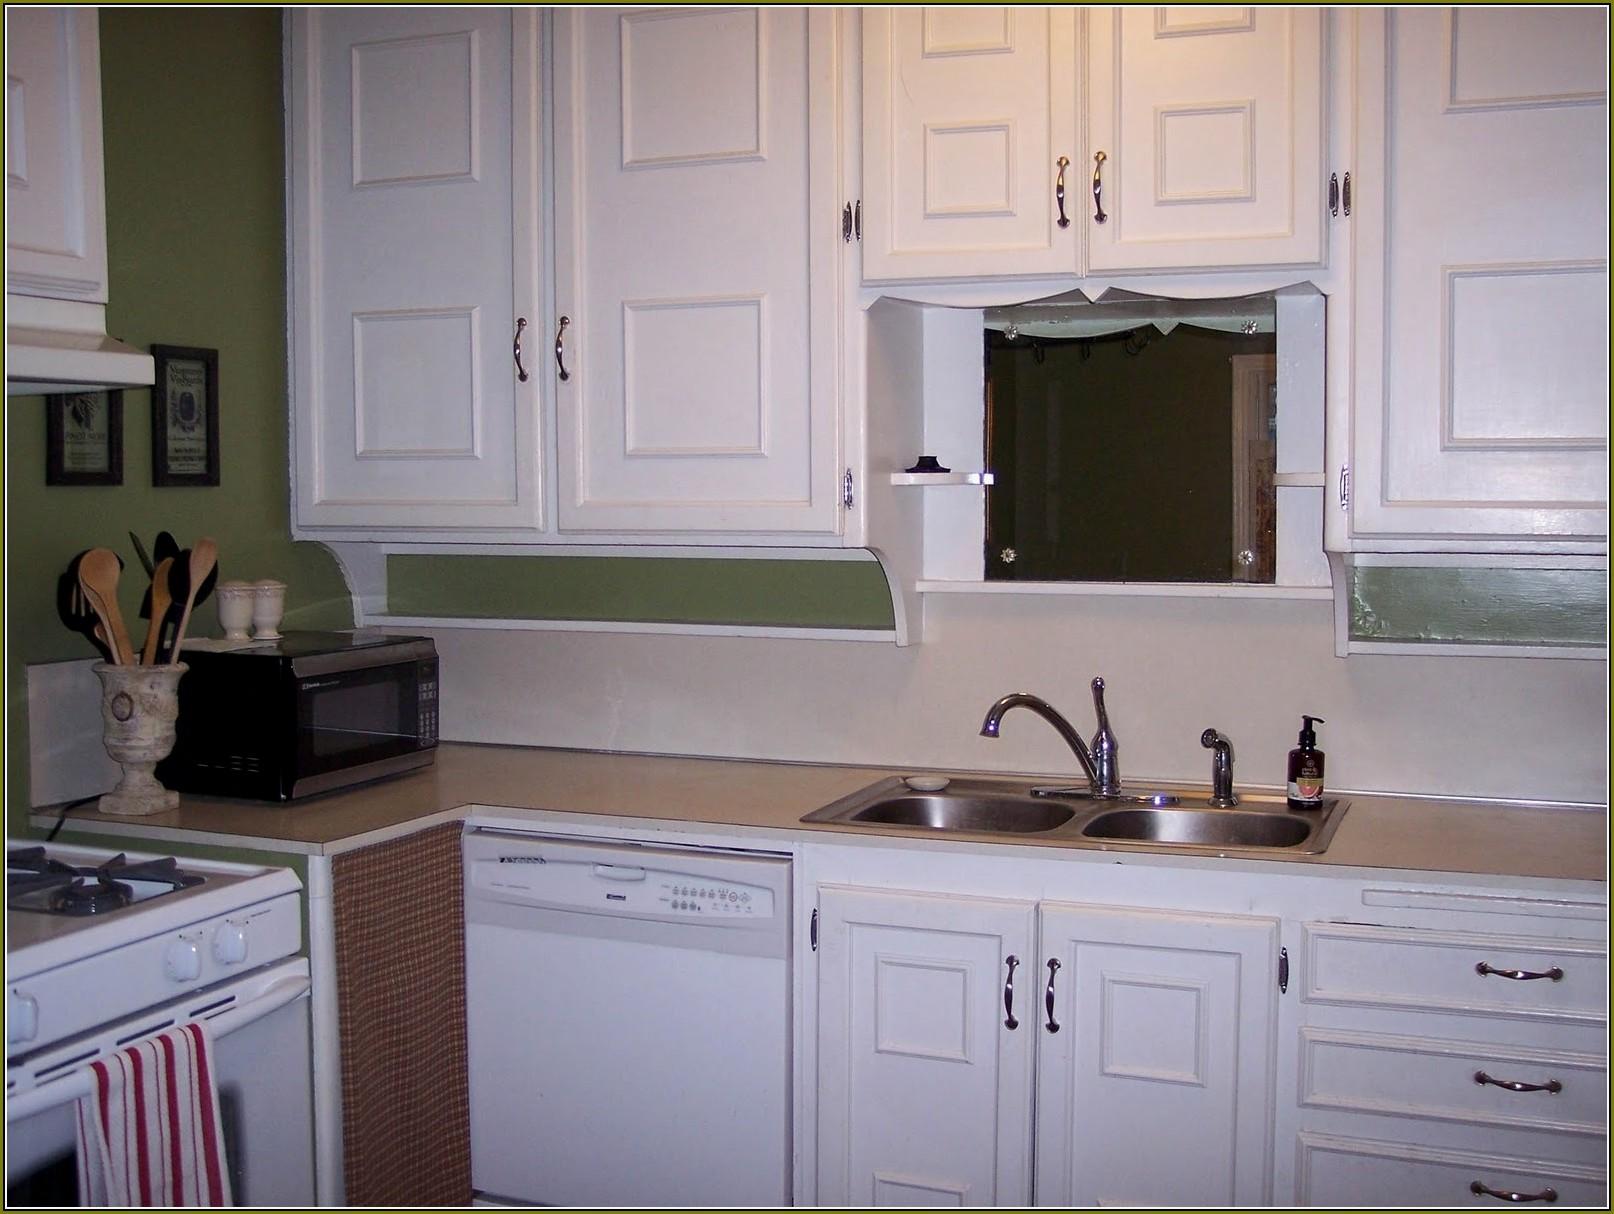 new flat kitchen cabinet doors makeover schmidt gallery design. Black Bedroom Furniture Sets. Home Design Ideas